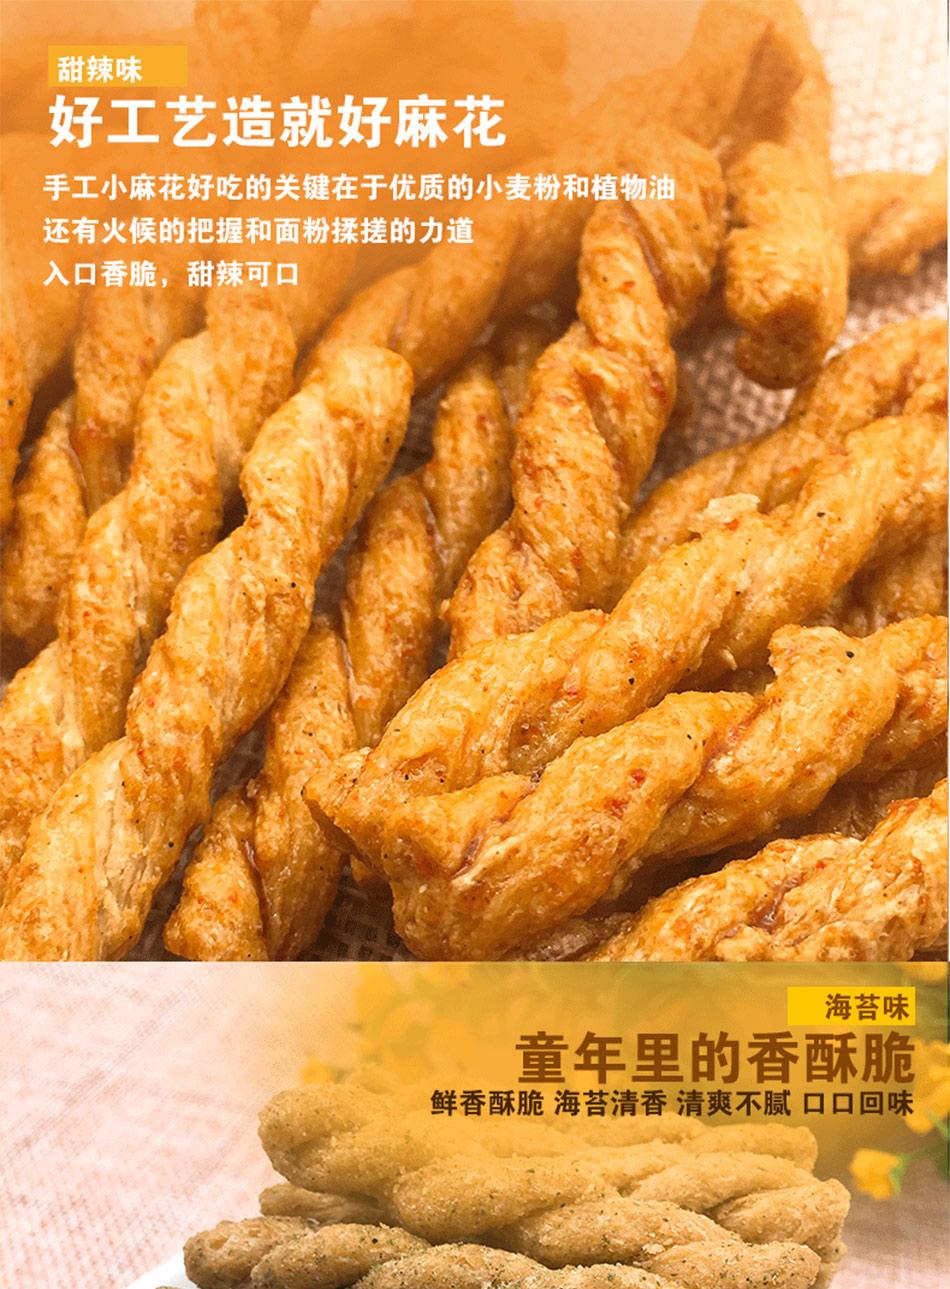 陕西特产  西安朱氏杂粮麻花纯手工椒盐小麻花 200g/罐多种口味满额包邮